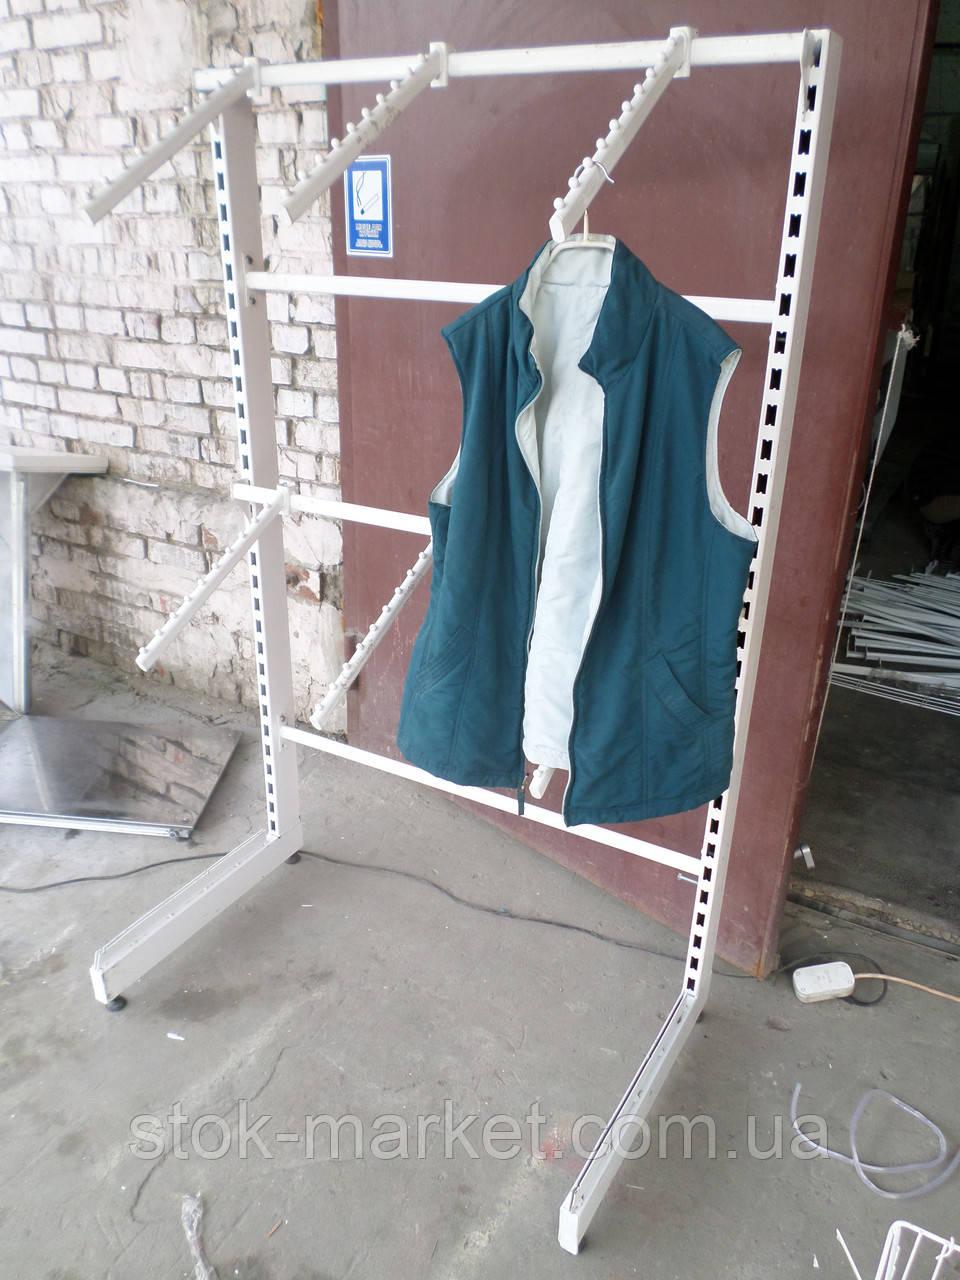 Стеллажи для одежды б/у, стойки для одежды б у, стеллаж под крючки.